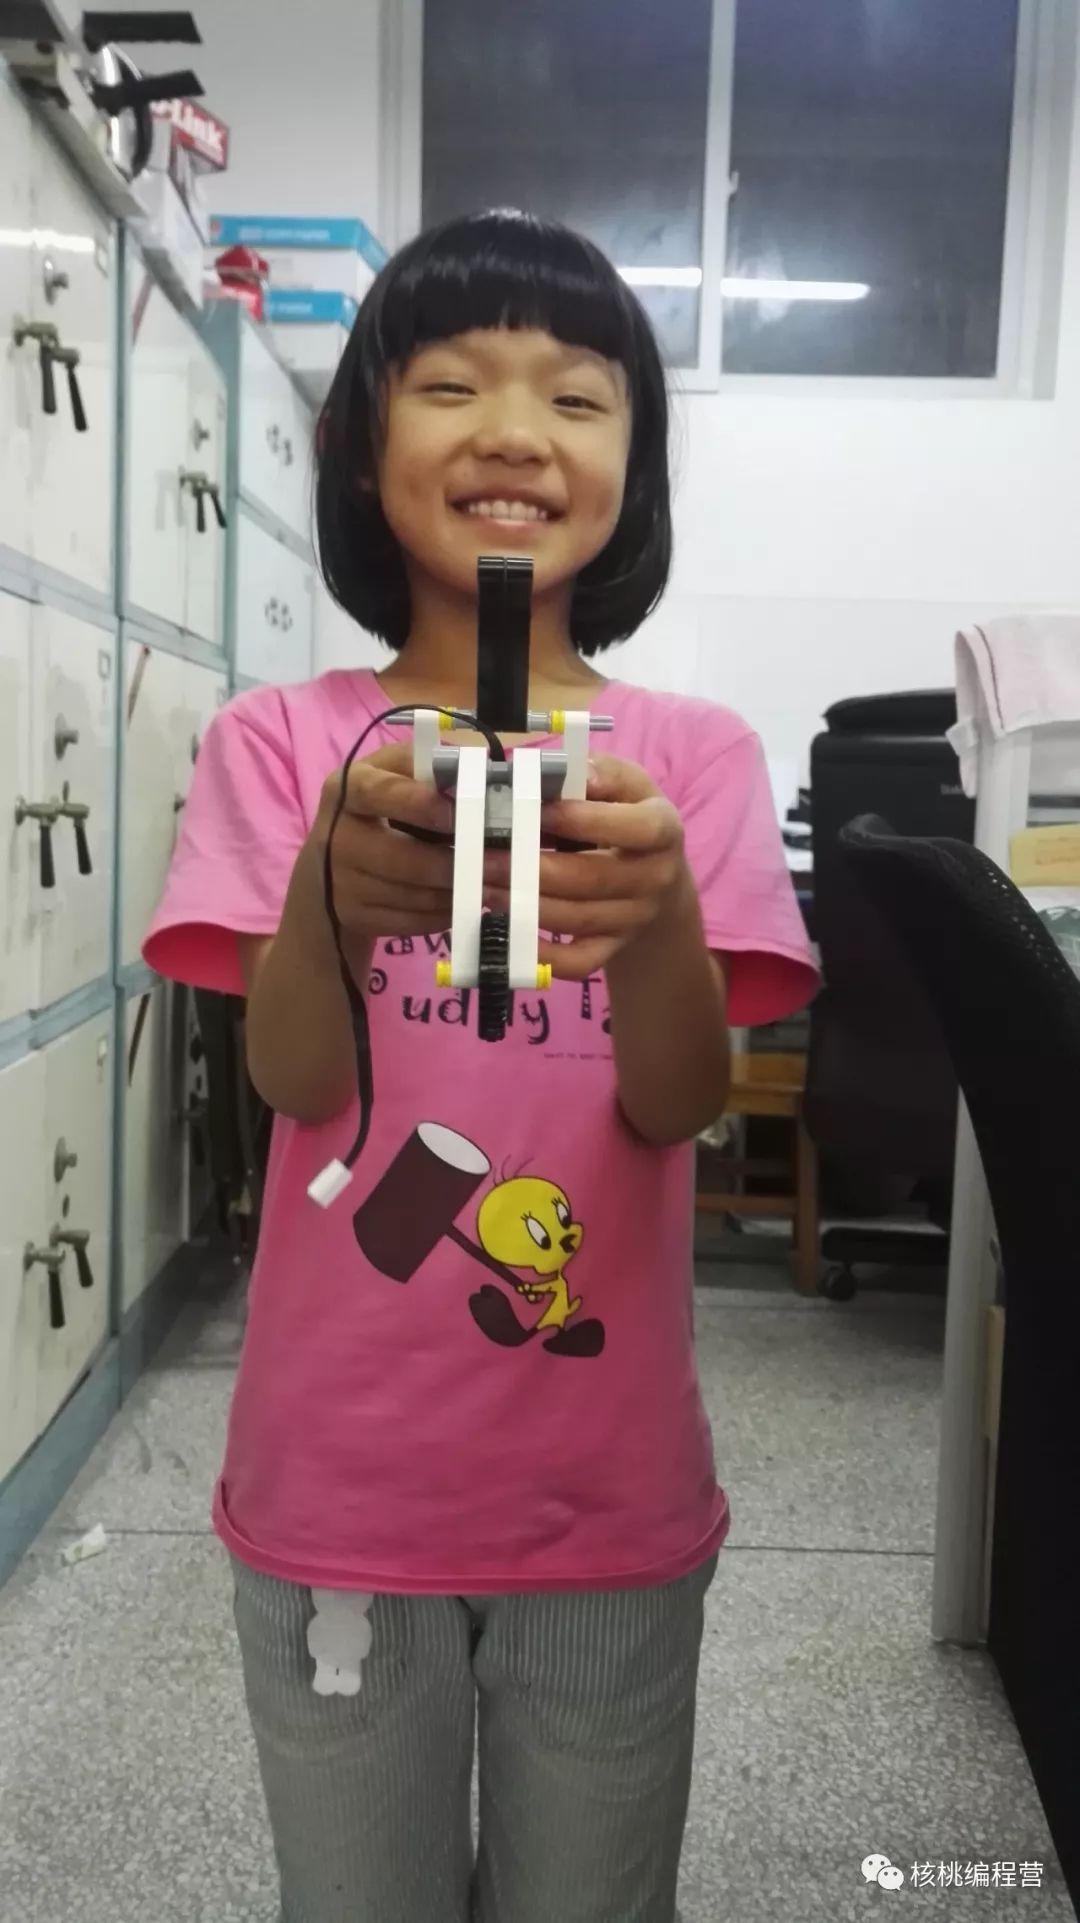 家长来稿 | 8岁小女娃被编程俘获芳心,理科思维up up up!